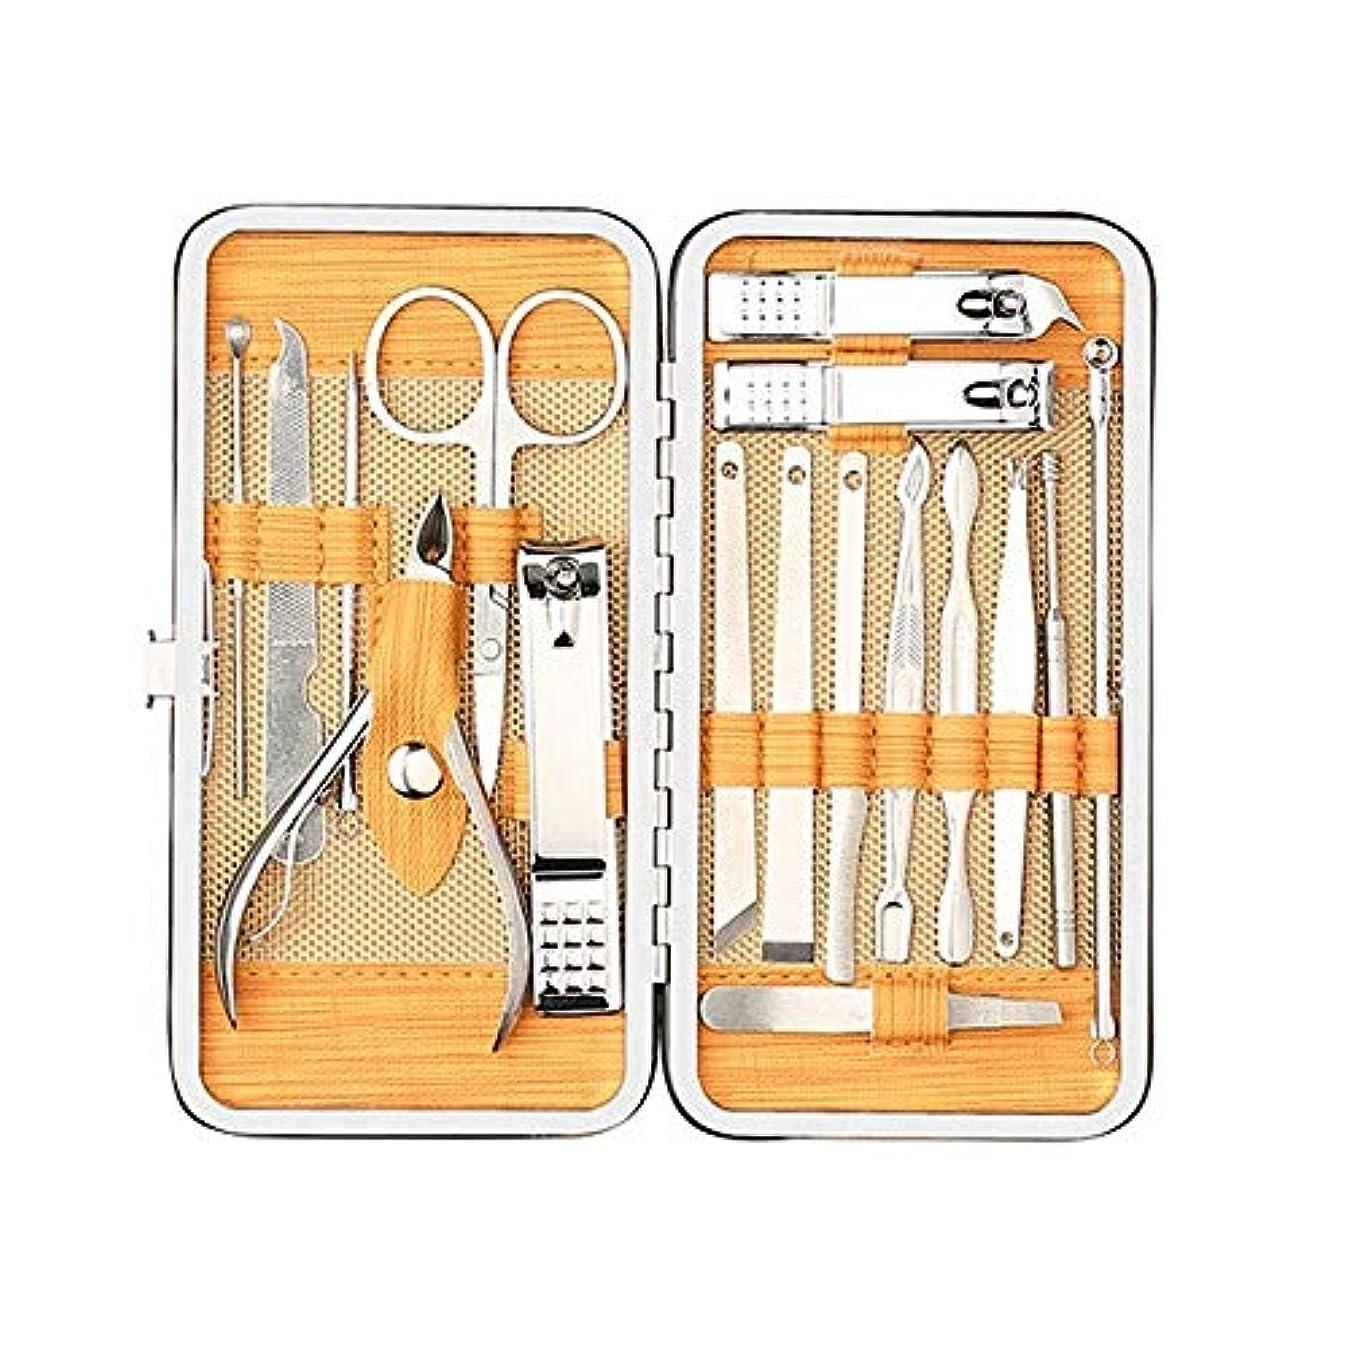 買うエステートミンチTUOFL マニキュアと美容ツールの組み合わせ11セット、炭素鋼素材シャープで耐久性、美しい外観、ギフトとして使用できます (Color : Silver)